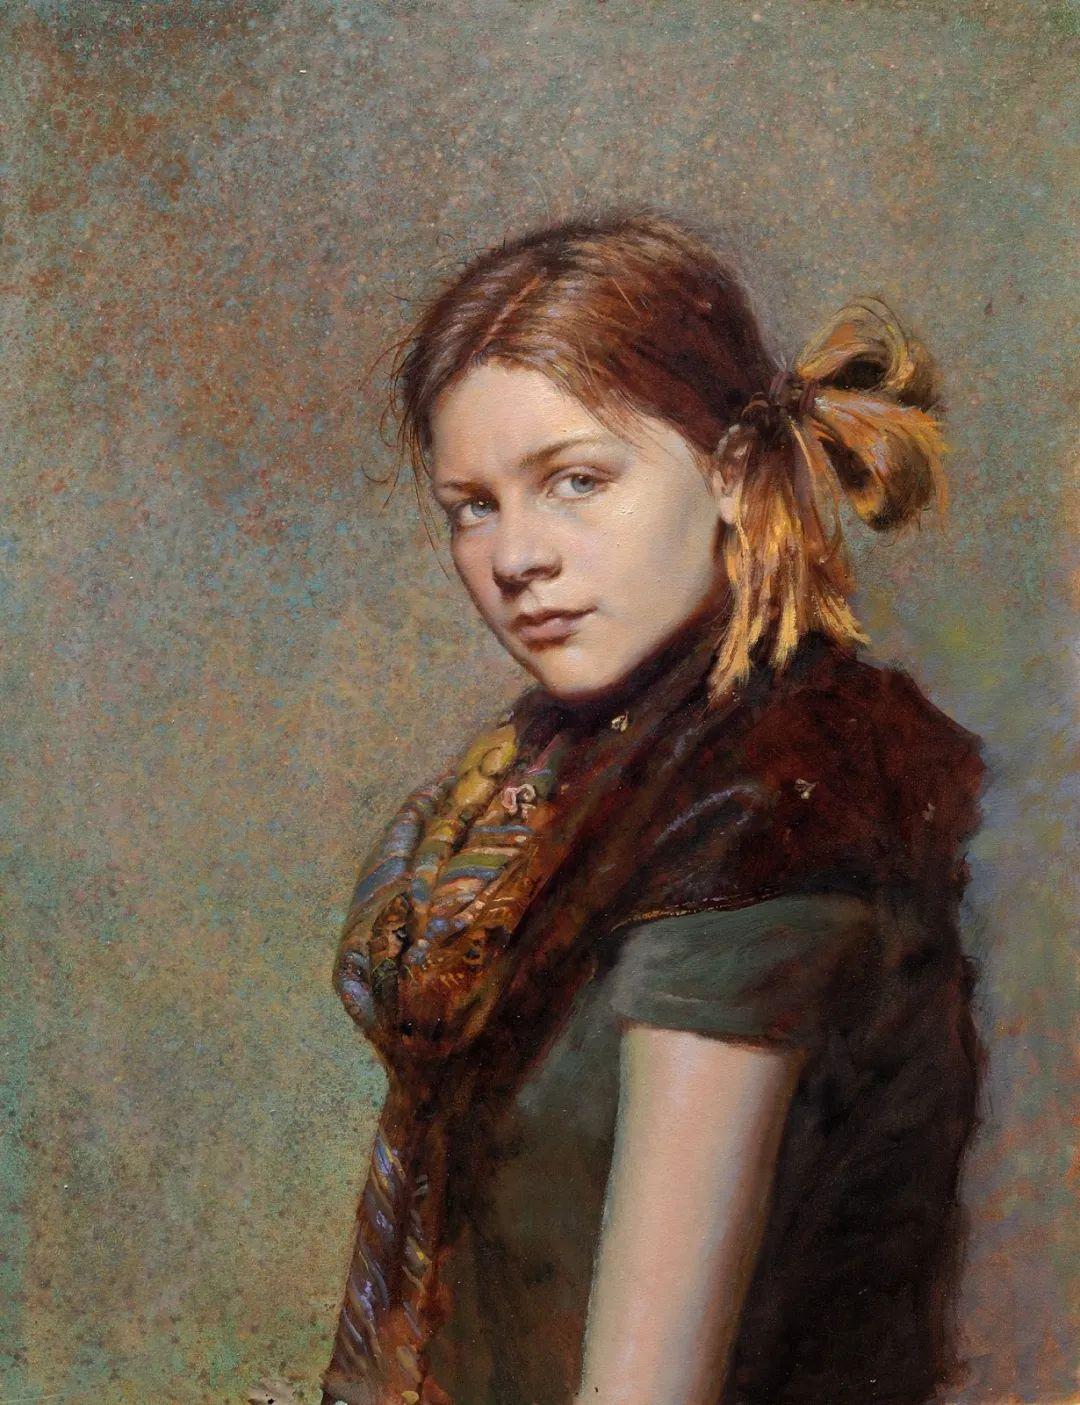 有趣而独特的人物肖像画,美国画家塞思·哈维坎普插图5